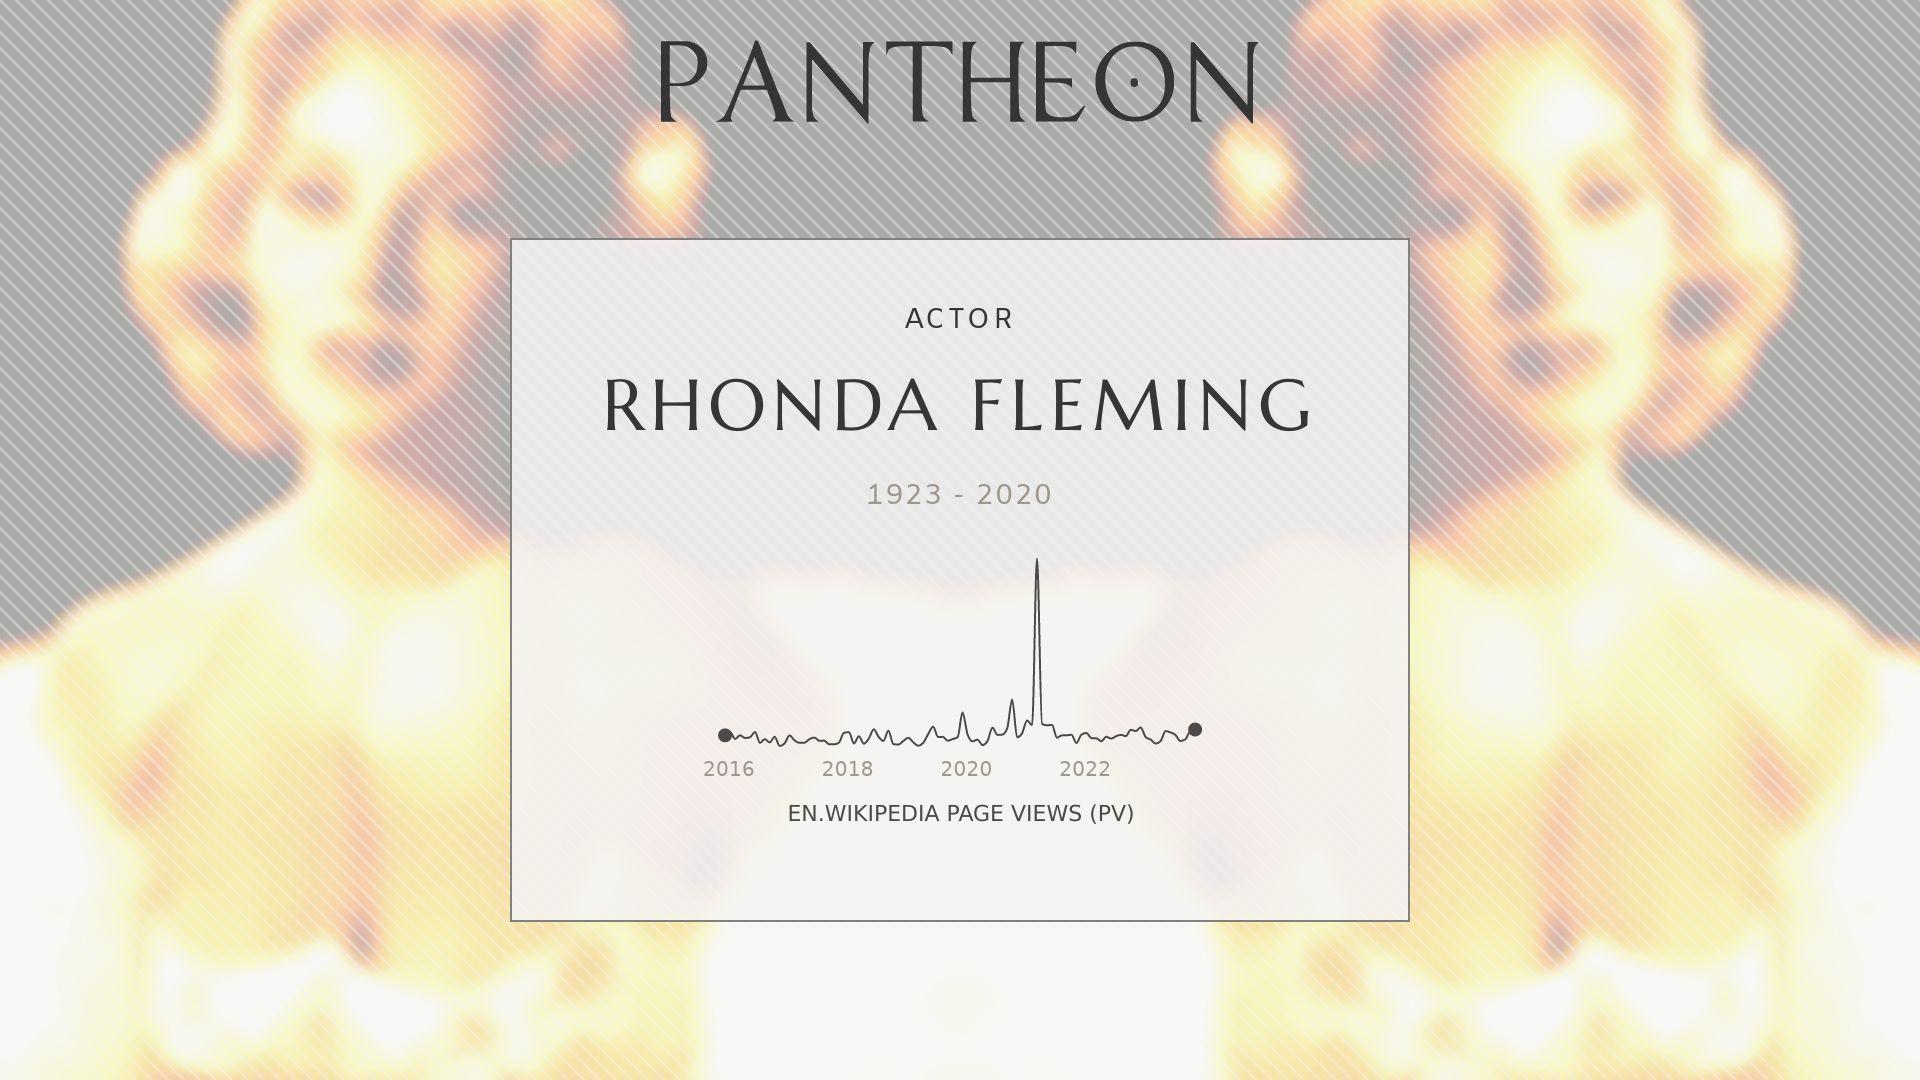 Rhonda Fleming Biography